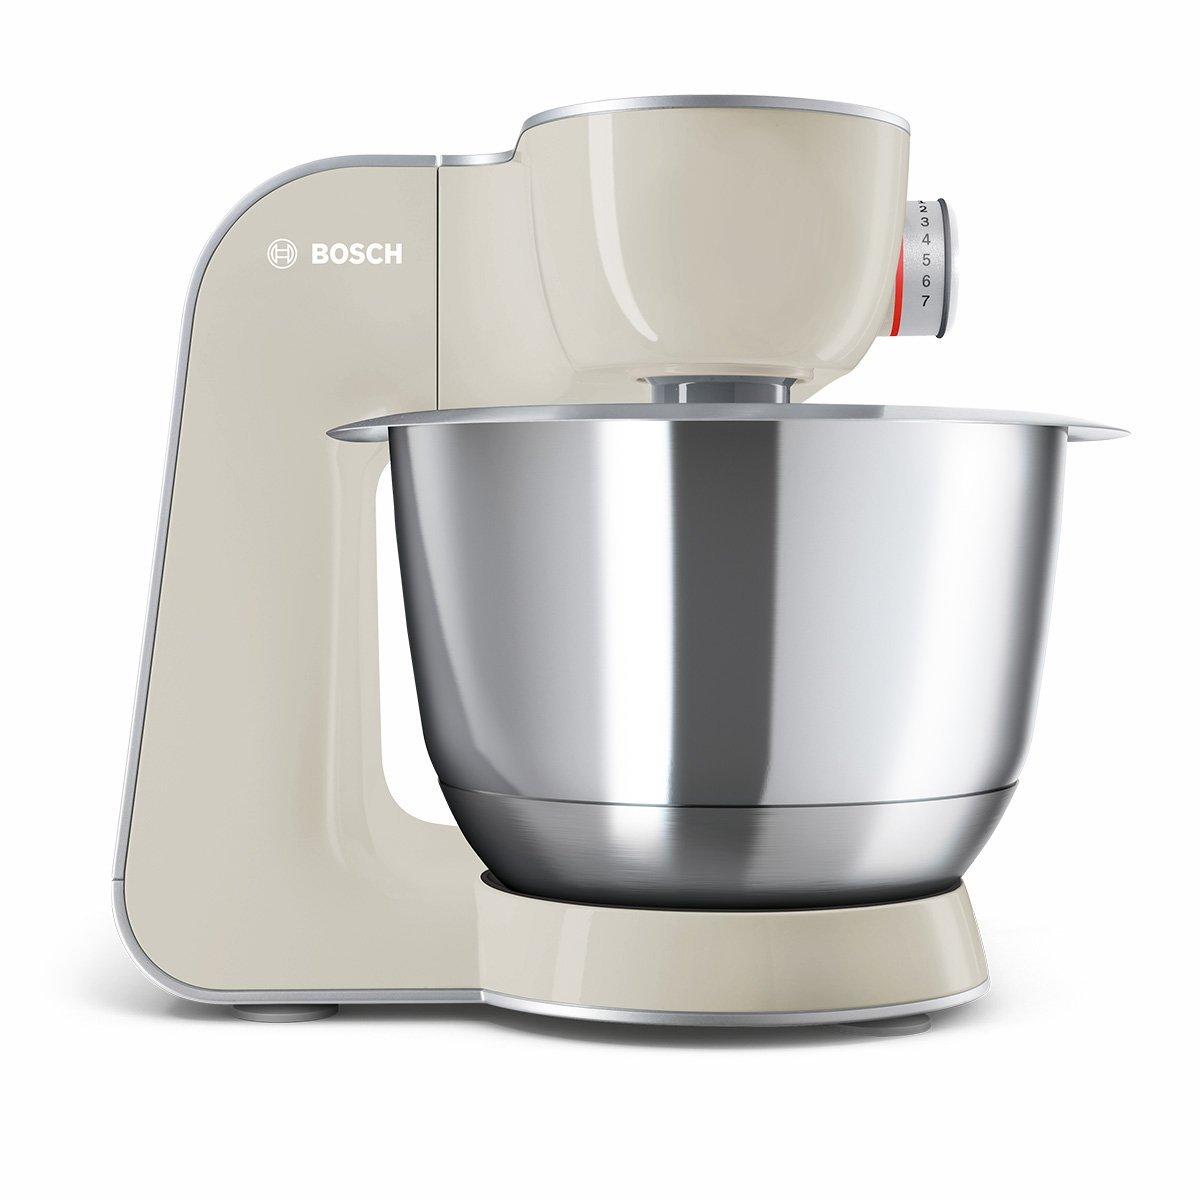 Amazon.de: Bosch MUM58L20 CreationLine Küchenmaschine (1000 Watt, 3 ...